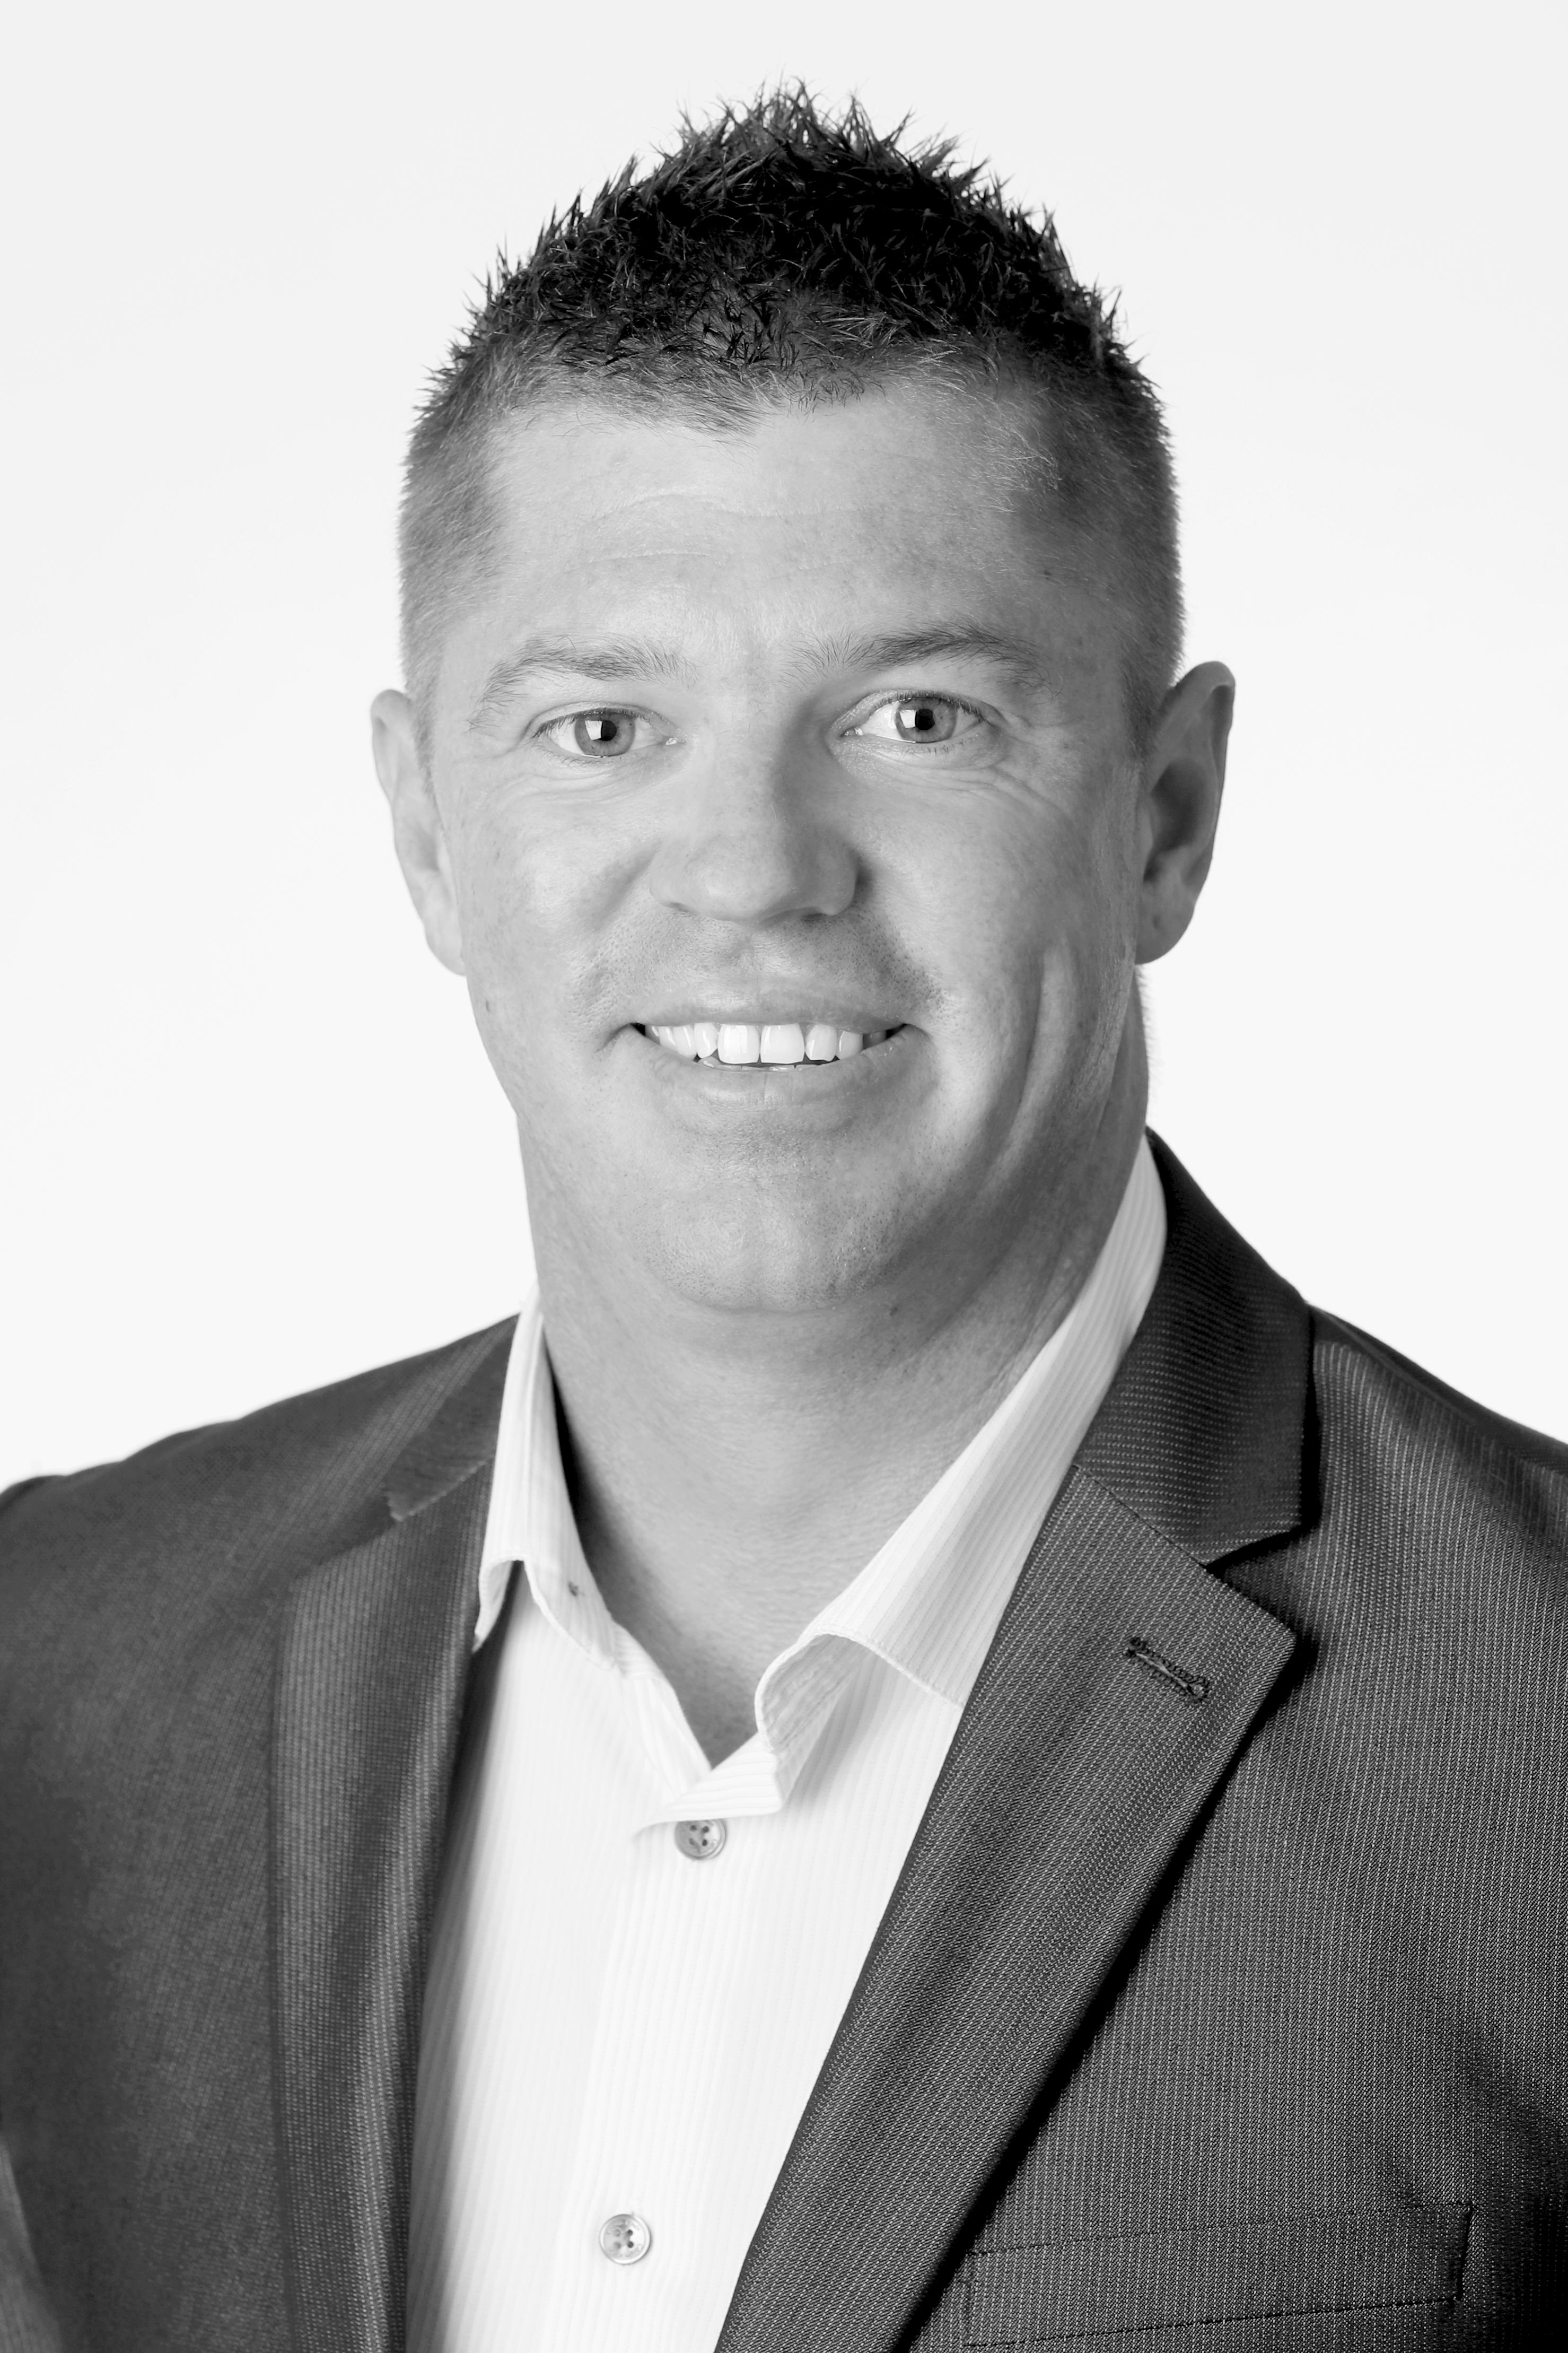 Damien McLeod